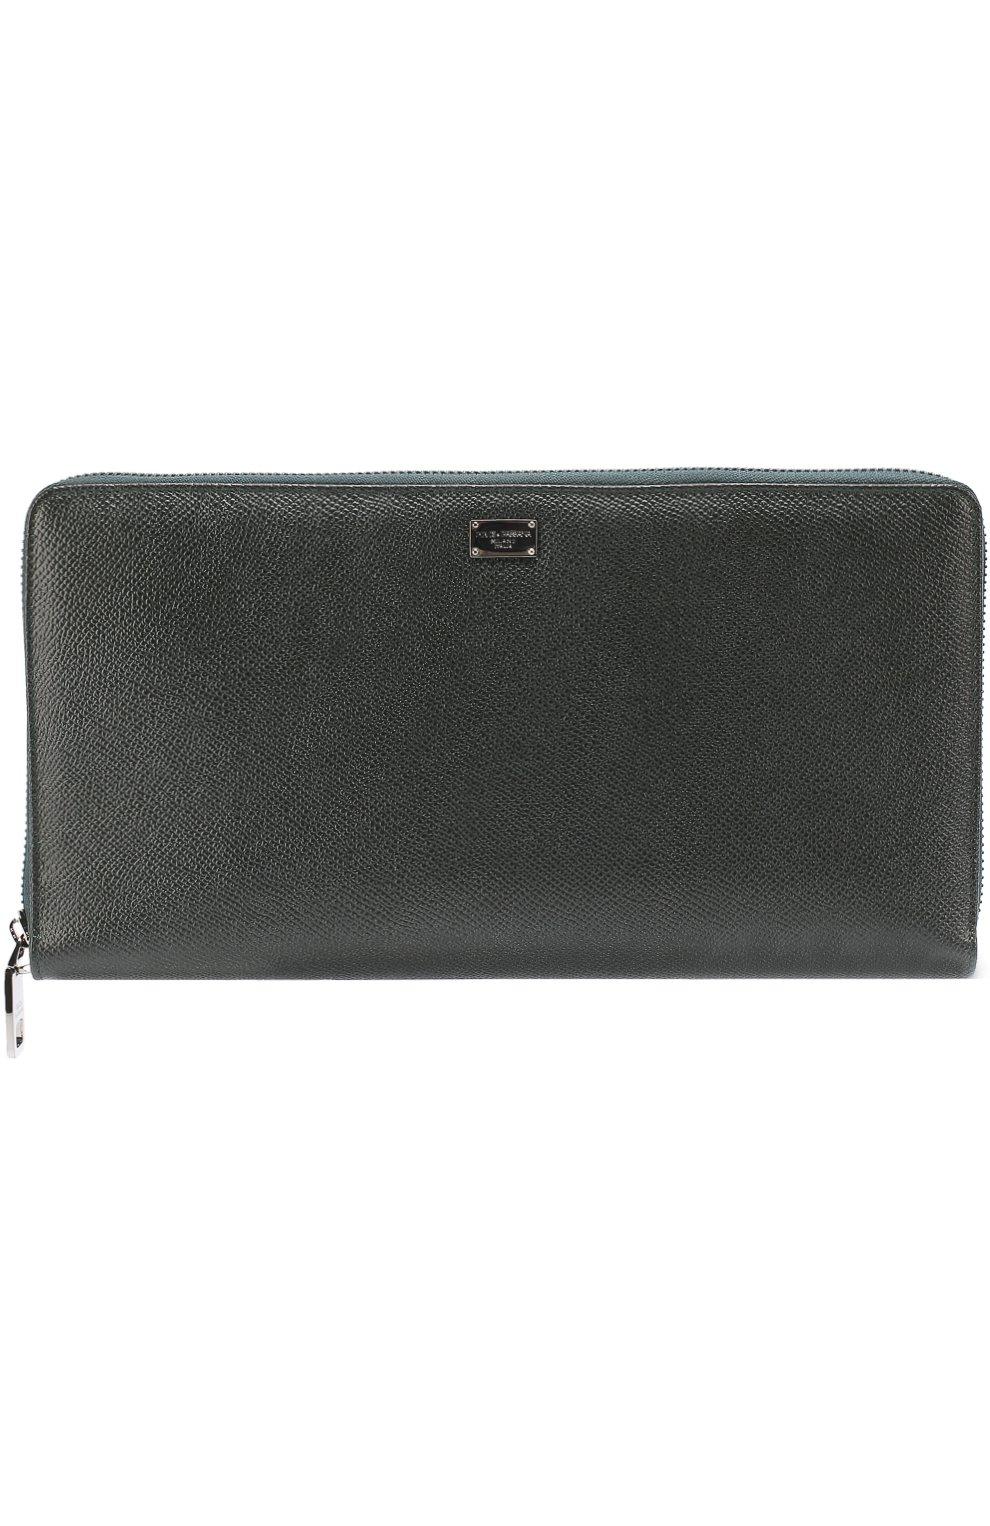 Кожаный бумажник на молнии с отделением для кредитных карт | Фото №1